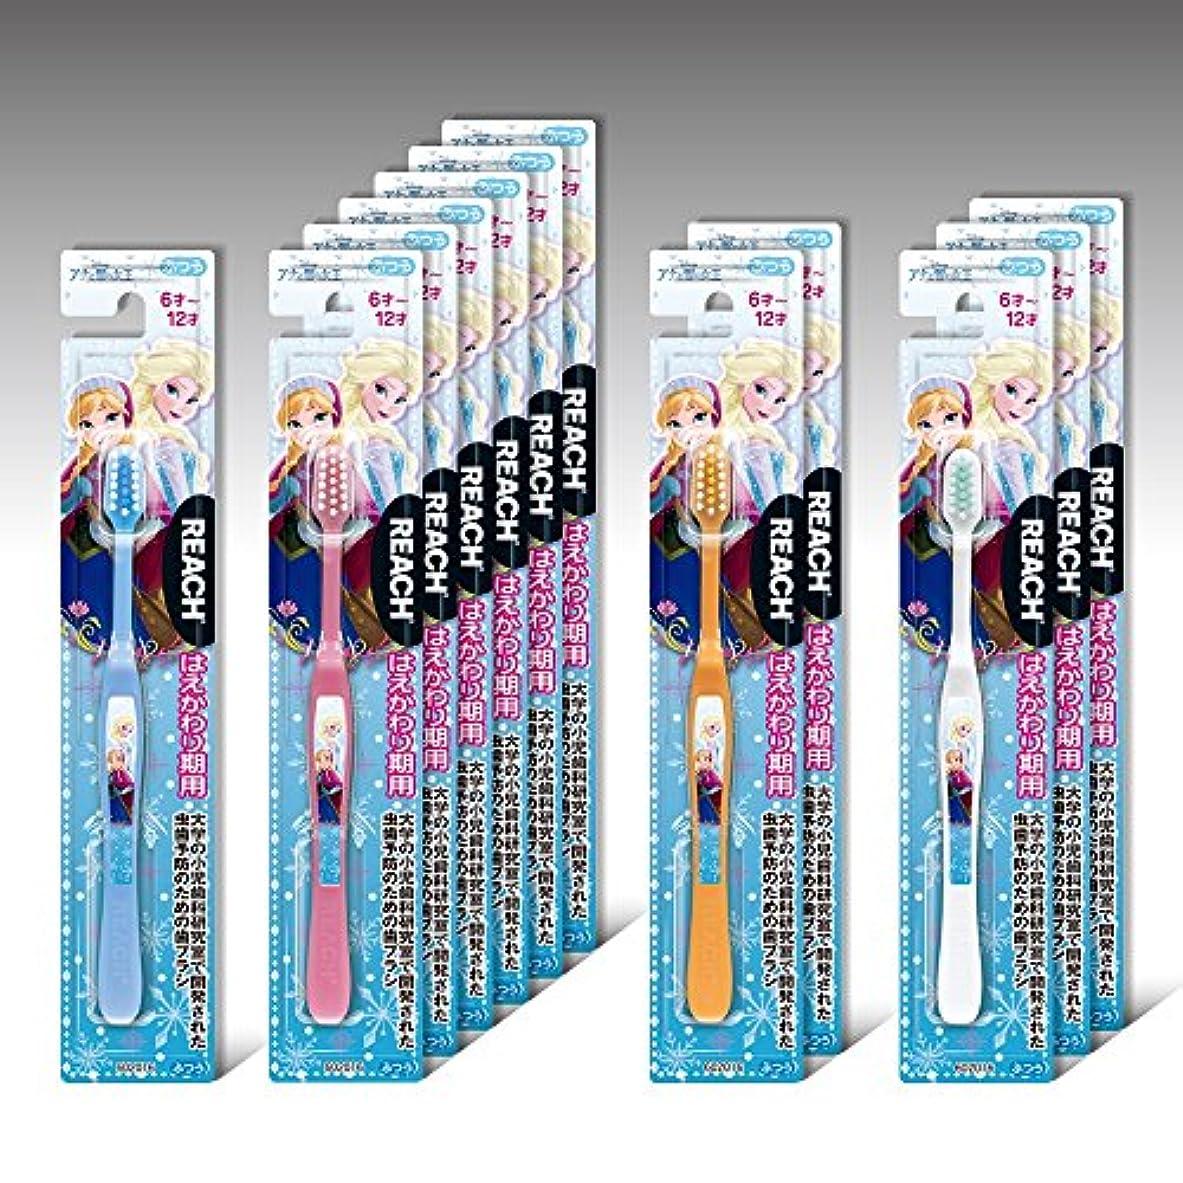 飢えた遠足視力リーチキッズ ディズニー アナと雪の女王 はえかわり期用(6~12才) 12本セット